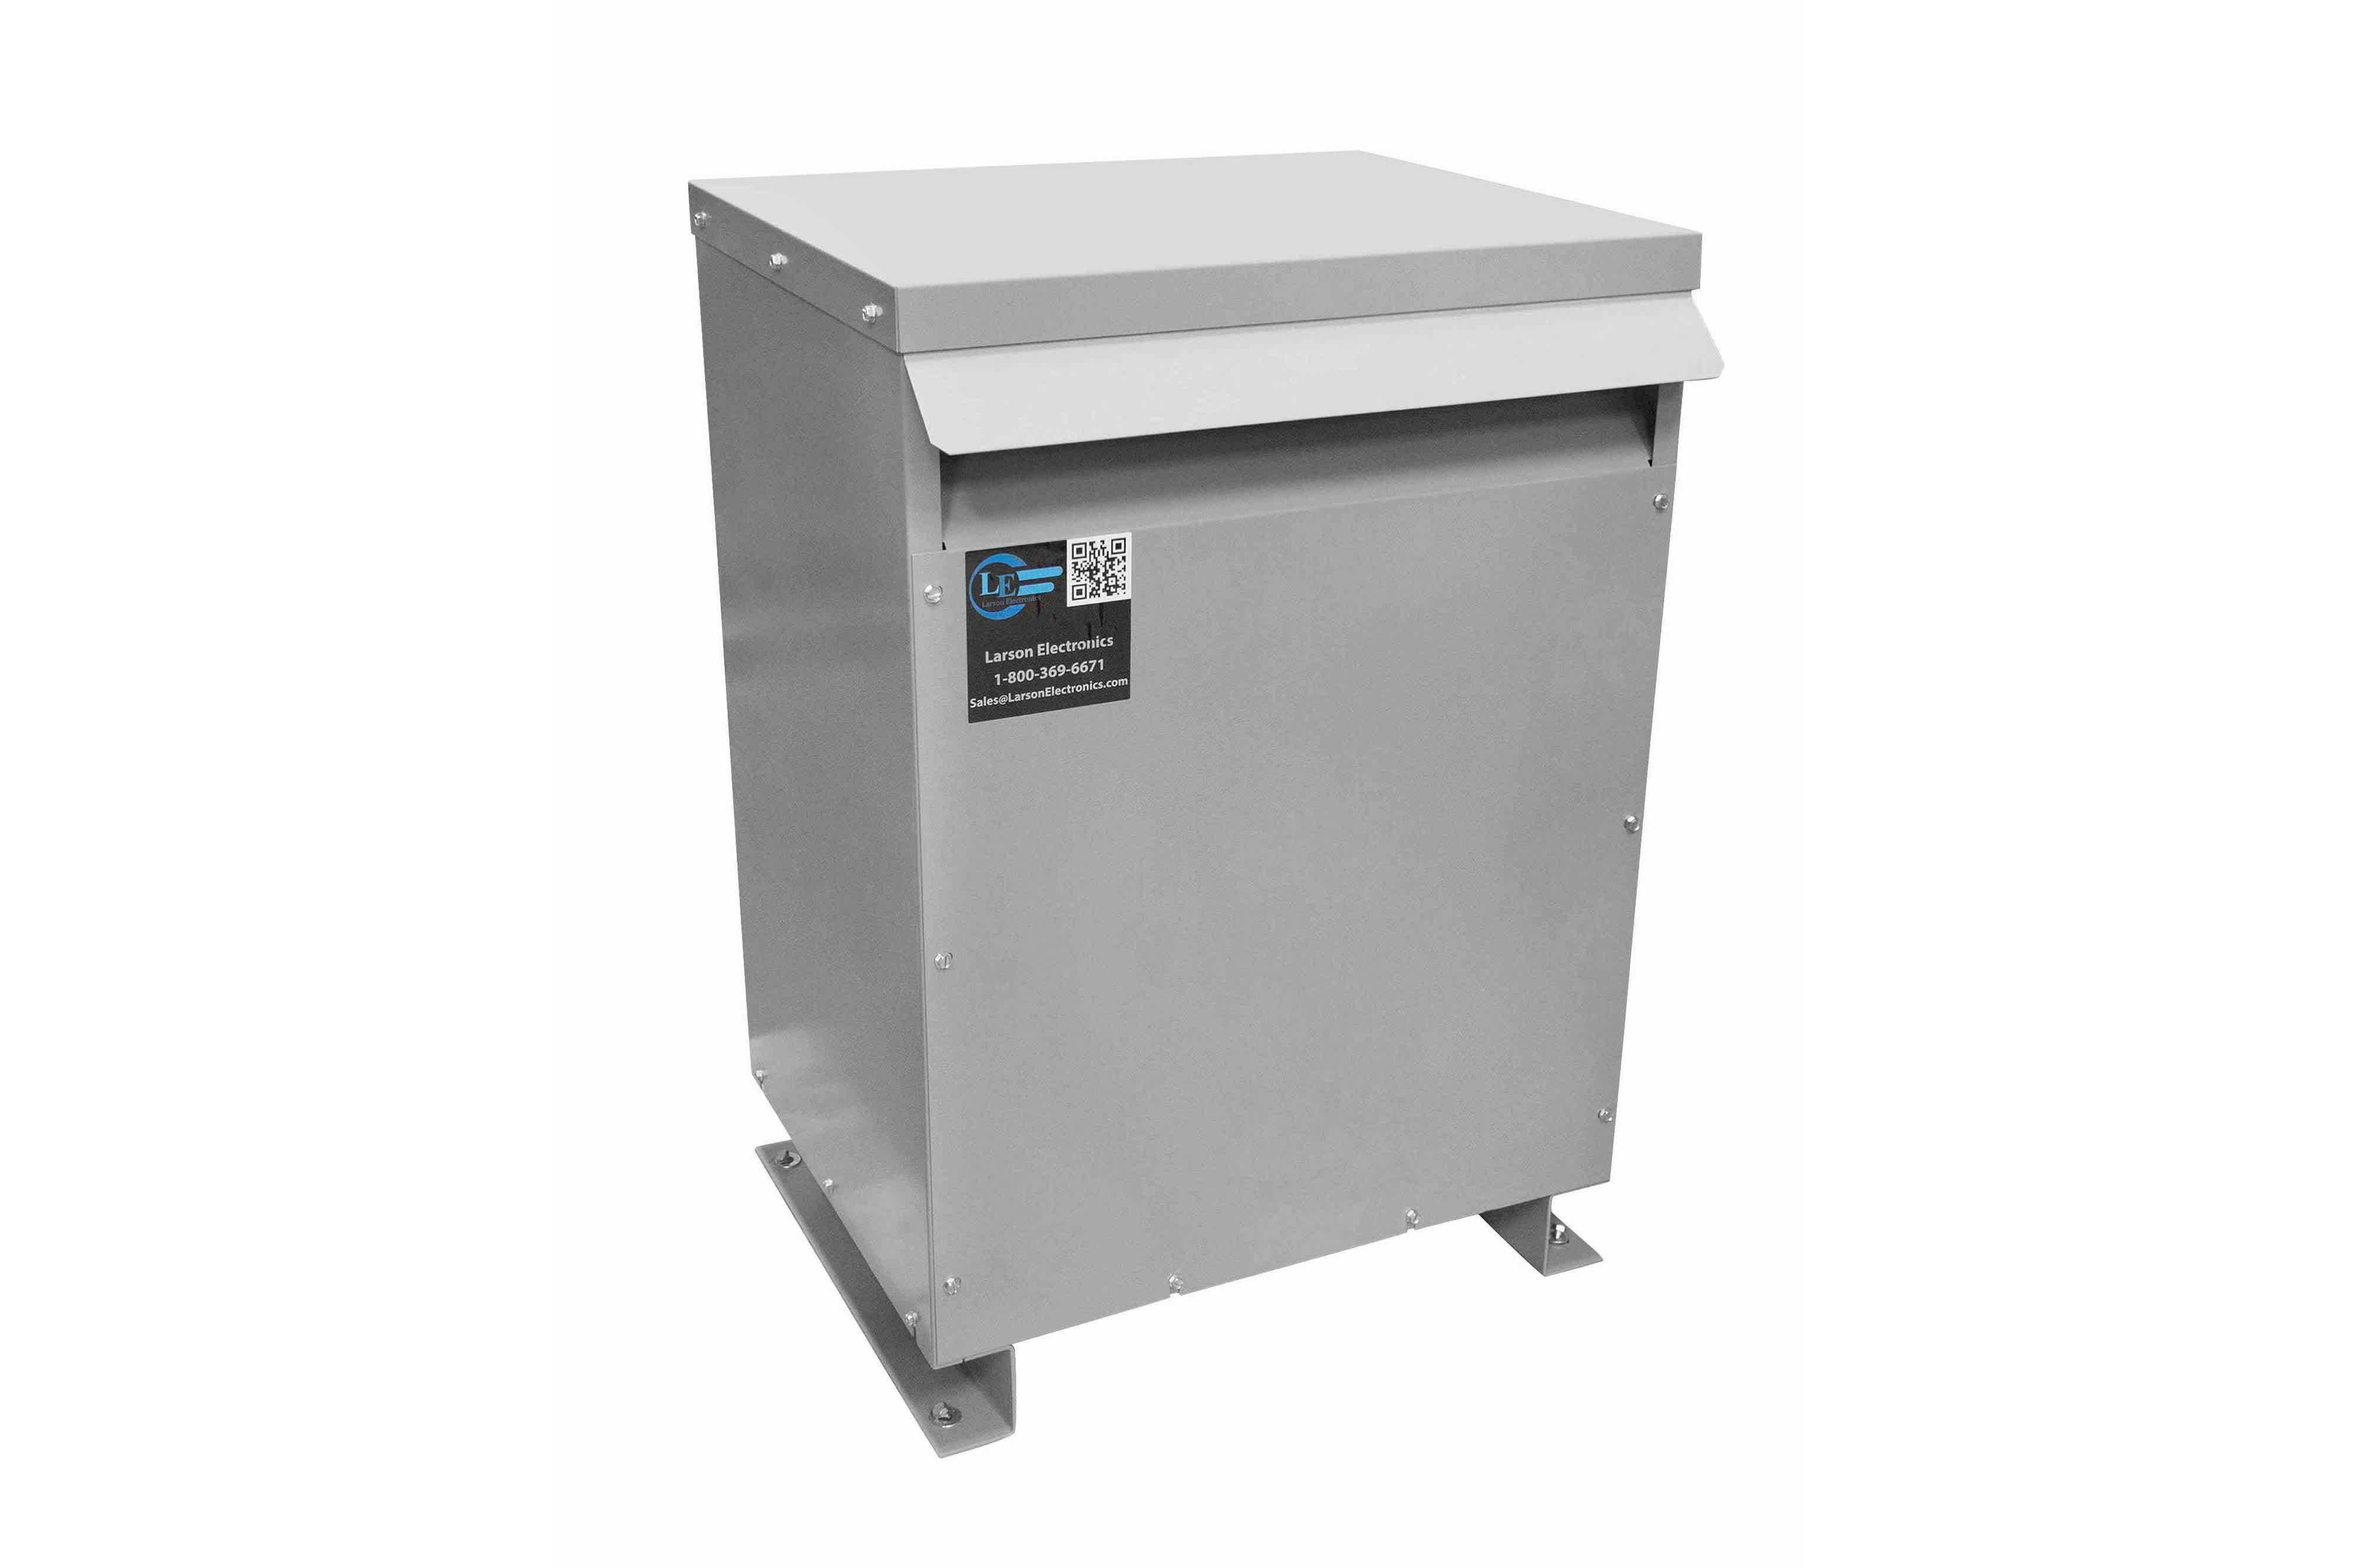 36 kVA 3PH Isolation Transformer, 415V Delta Primary, 208V Delta Secondary, N3R, Ventilated, 60 Hz